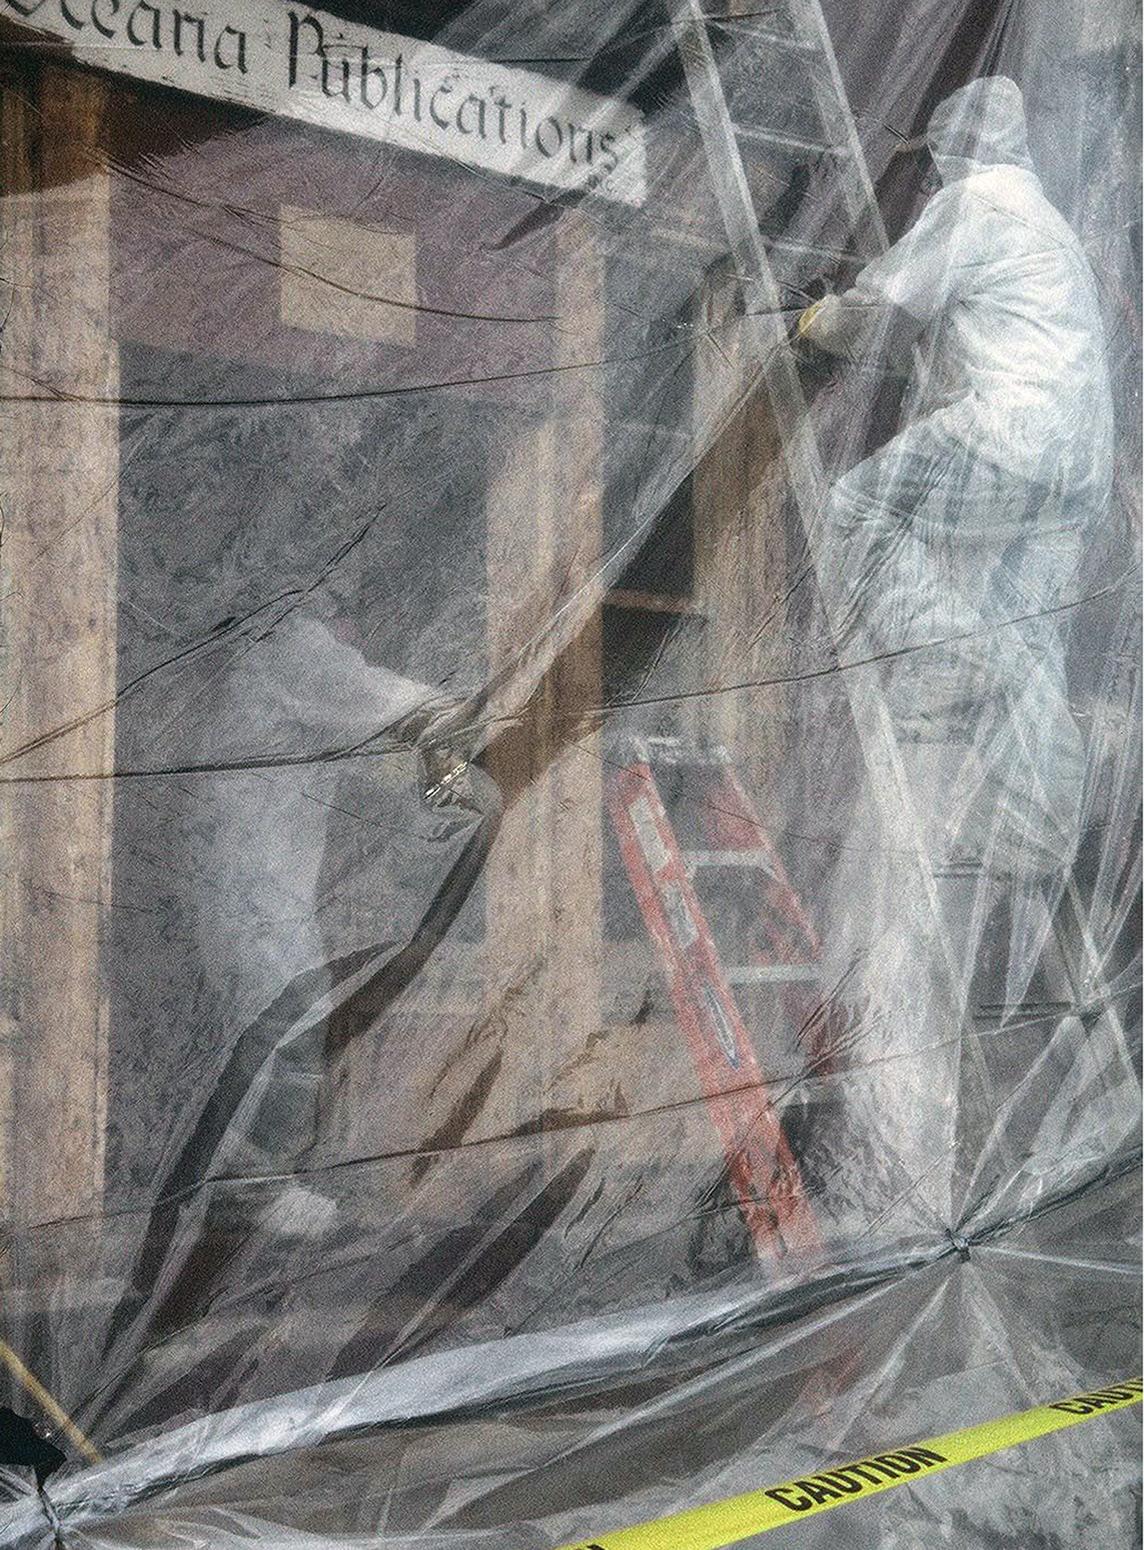 Ghostworkers I, Dobbs Ferry, NY